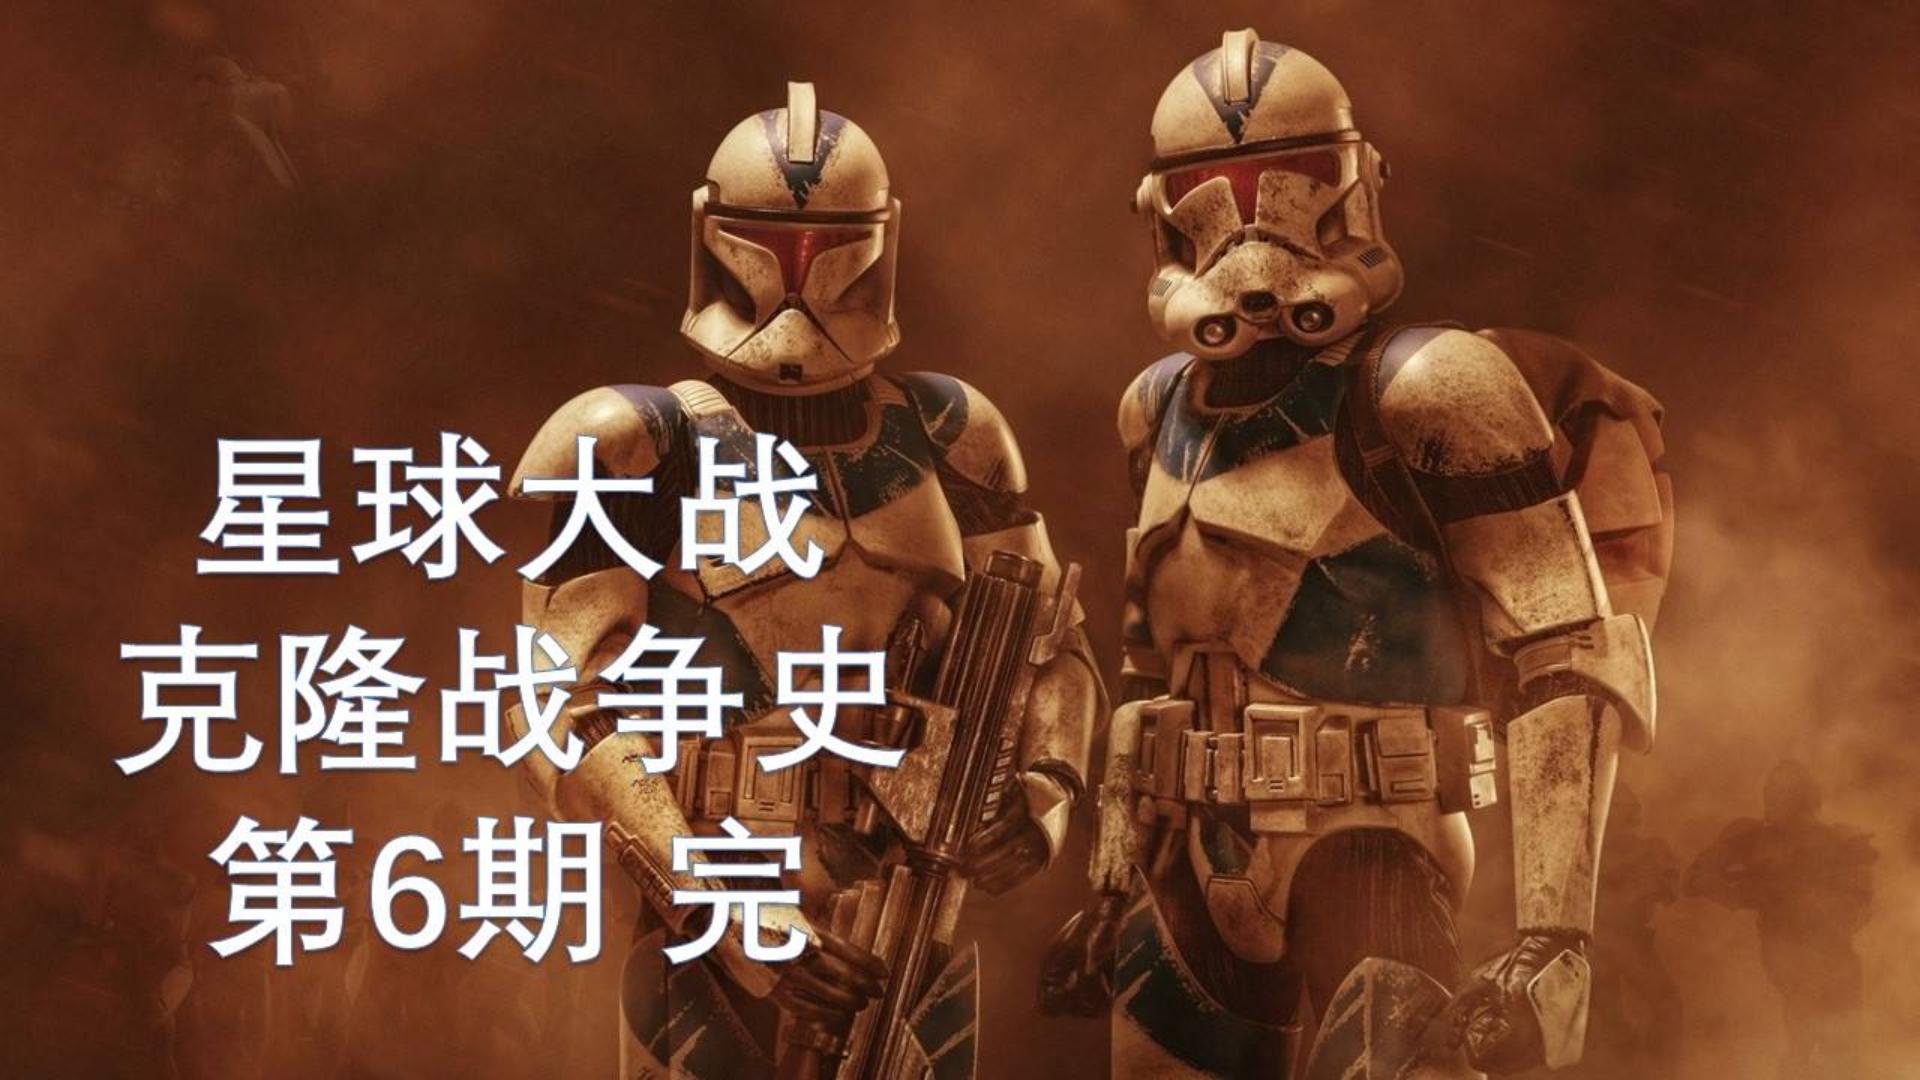 66号命令—星球大战:克隆战争史-第6期